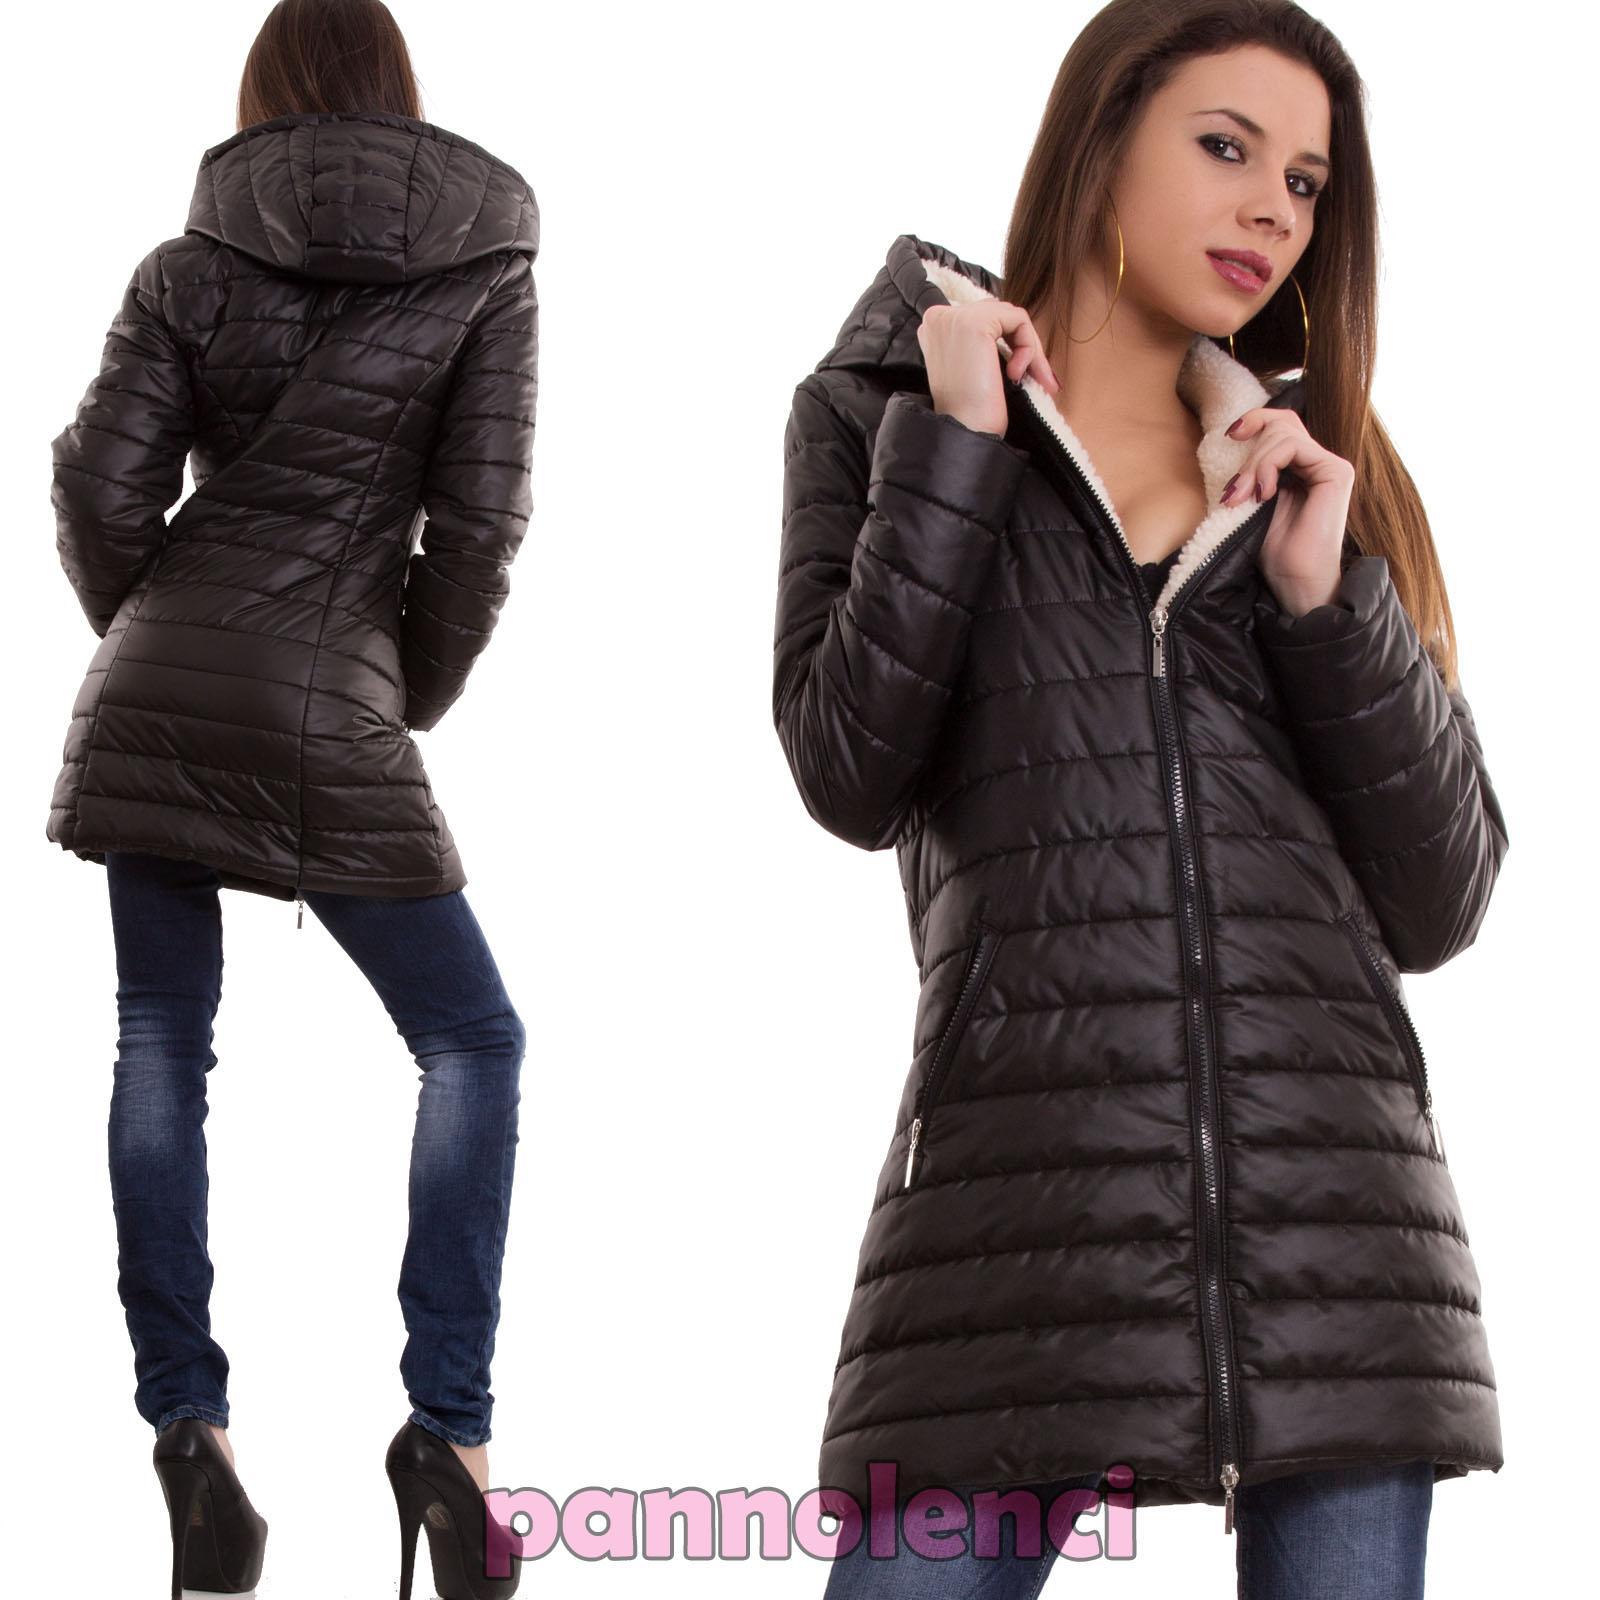 promo code 5c675 888d6 Dettagli su Piumino donna giubbotto giaccone lungo cappuccio maniche lunghe  nuovo CC-1076